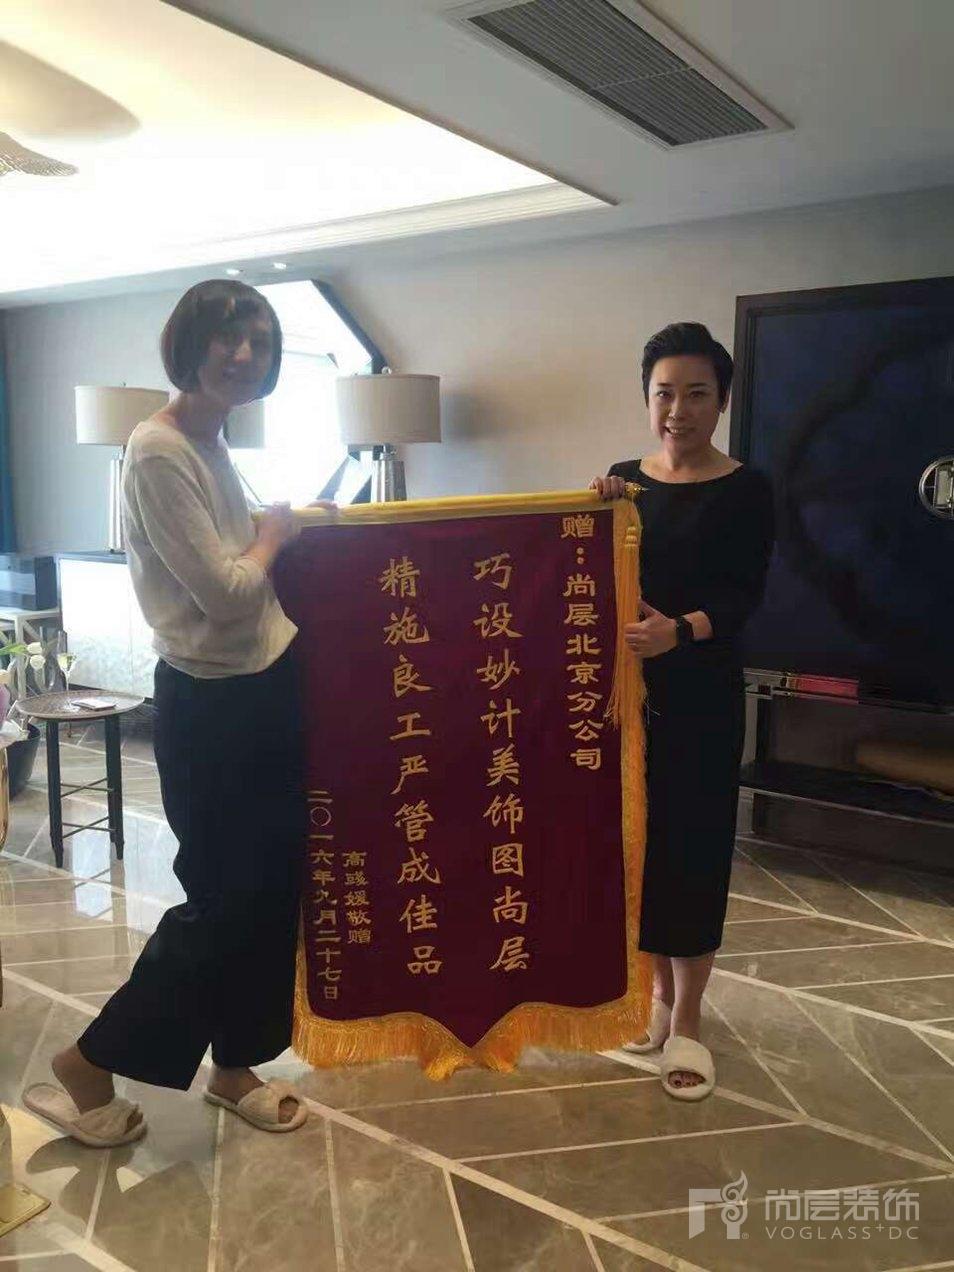 中海凯旋业主送给北京尚层装饰的锦旗